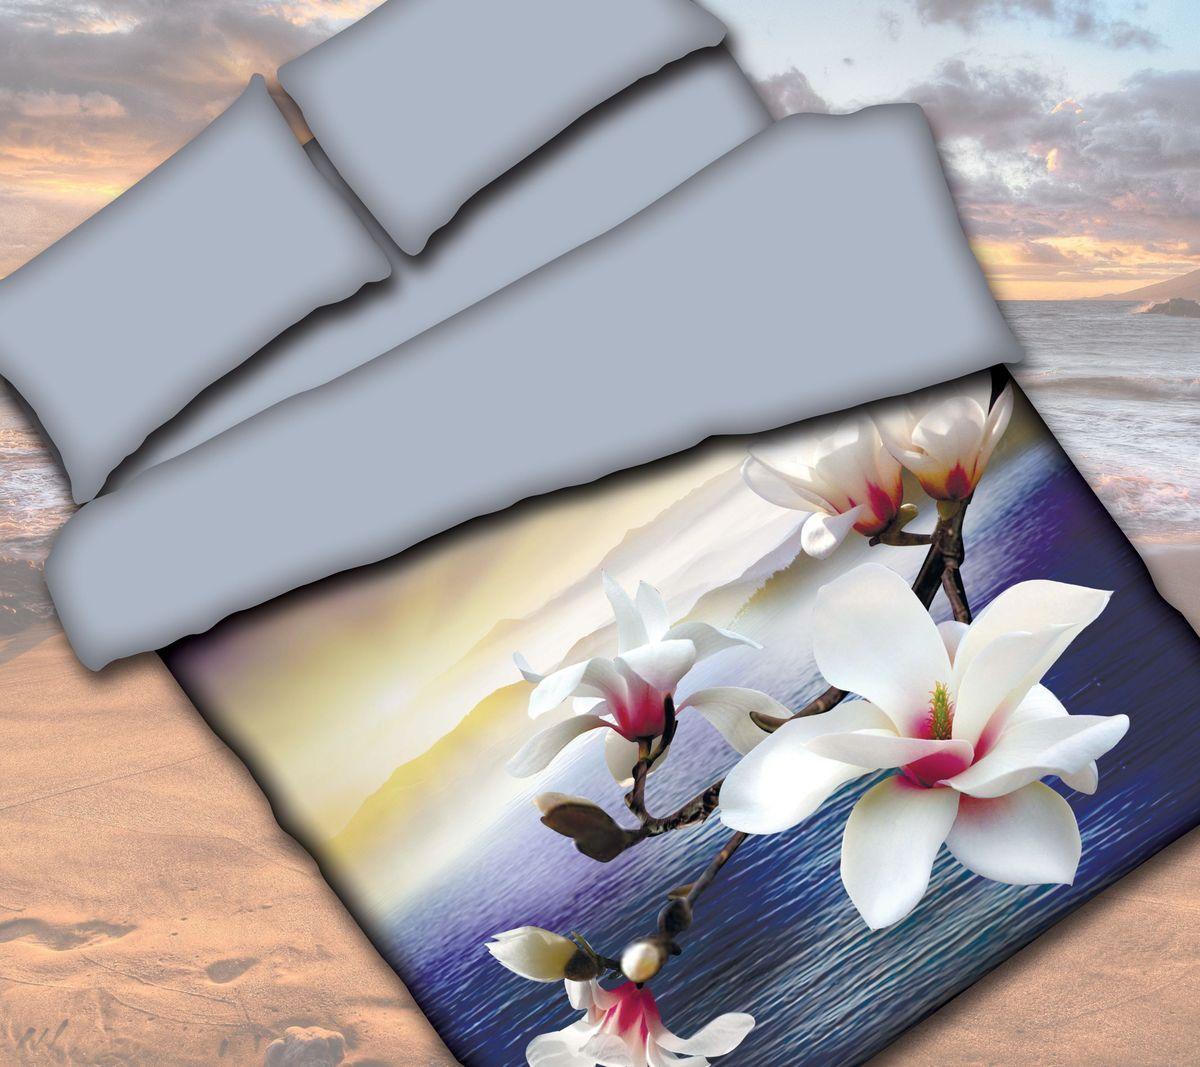 Комплект белья Коллекция Орхидея, 1,5-спальный, наволочки 70x70. СРП1,5/70/ОЗ/орхСРП1,5/70/ОЗ/орхКомплект постельного белья Коллекция прекрасно украсит любой интерьер. Выполнен из сатина. Сатин - это гладкая и прочная ткань, которая своим блеском, легкостью и гладкостью очень похожа на шелк. Ткань практически не мнется, поэтому его можно не гладить. Он практичен, так как хорошо переносит множественные стирки. Комплект включает в себя: простыню 160 х 224 см, пододеяльник 150 х 210 см,2 наволочки 70 х 70 см.